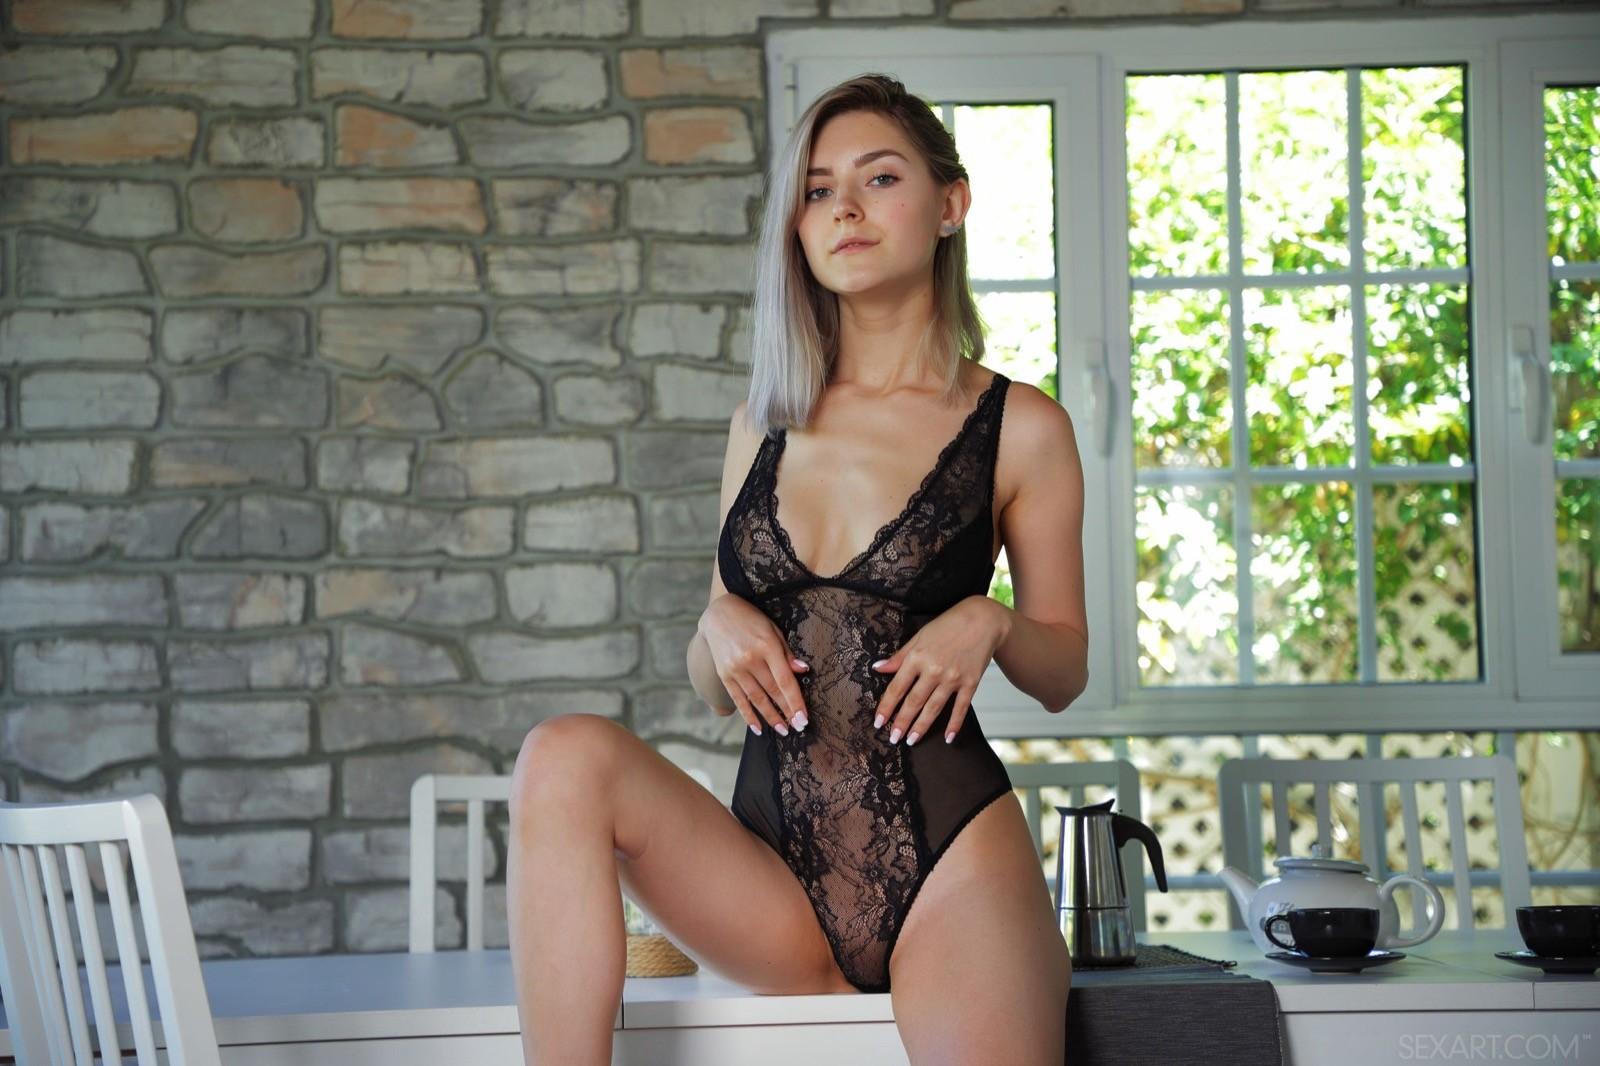 Стройная девушка в соблазнительном белье - фото